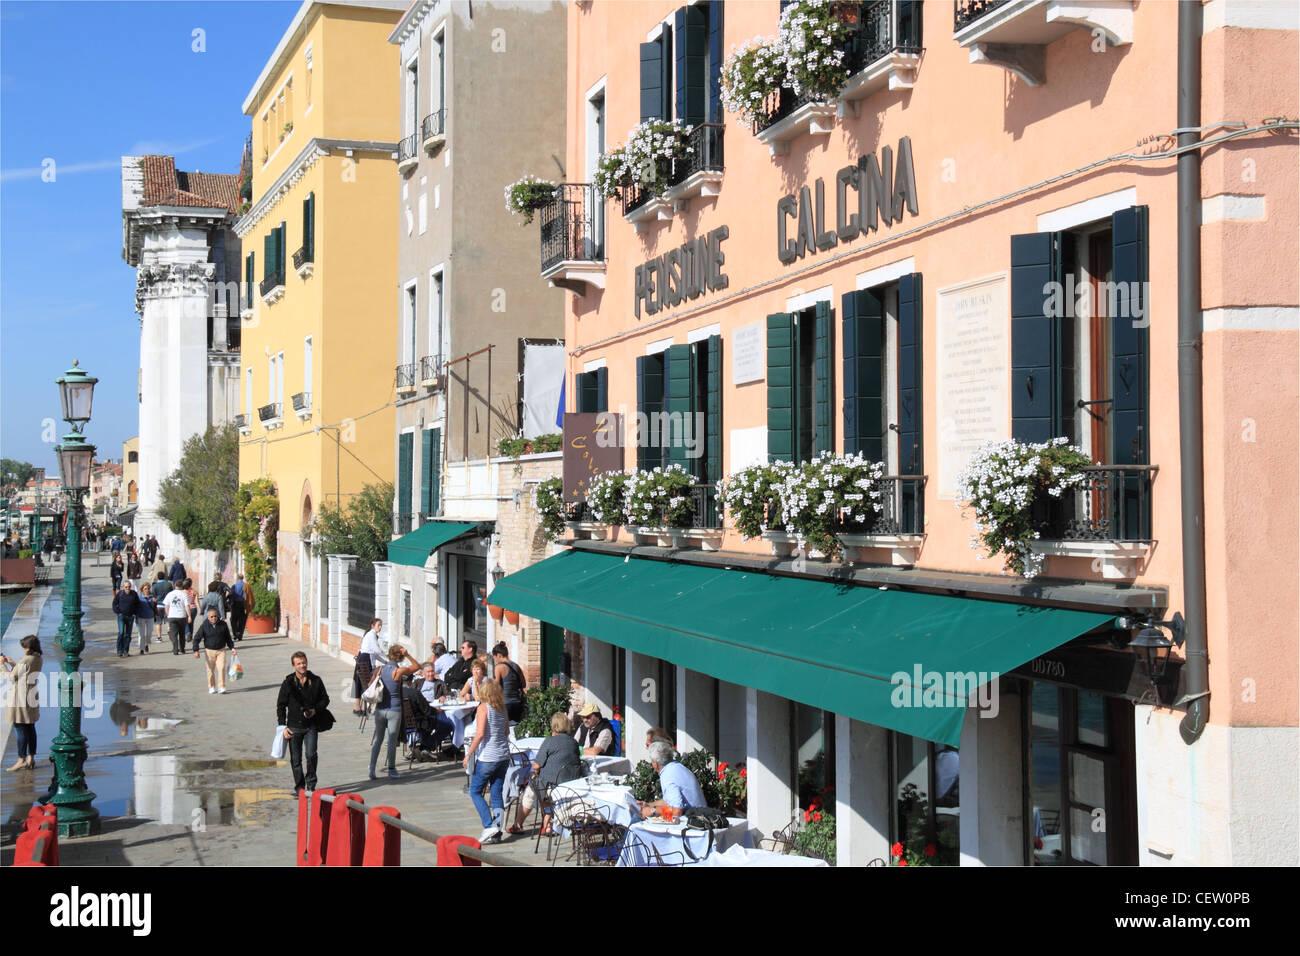 Pensione Calcina, La Calcina (The Lime House), Fondamenta Zattere ai Gesuati,  Venice, Veneto, Italy, Adriatic Sea, - Stock Image